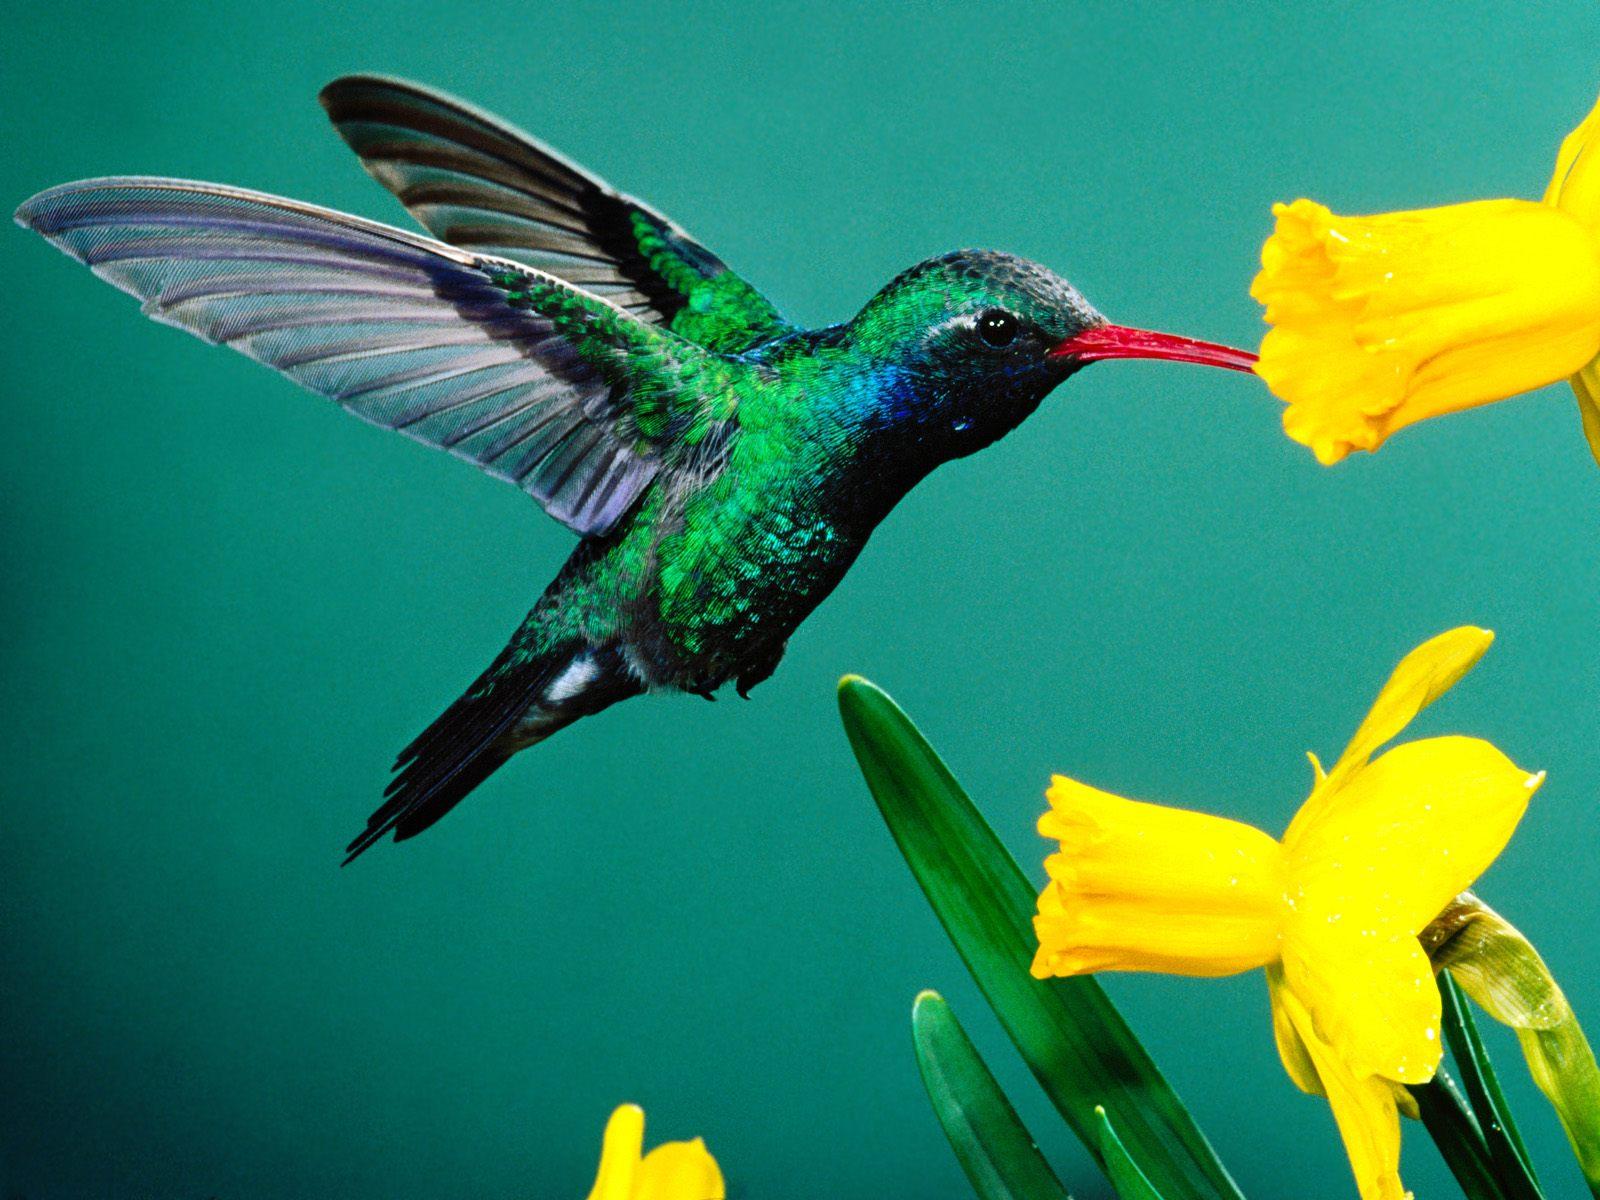 http://3.bp.blogspot.com/-1F-TGOTAFy4/T7E_eoa4A1I/AAAAAAAAGd4/udI86T-7N4E/s1600/Birds-Wallpaper1.jpg